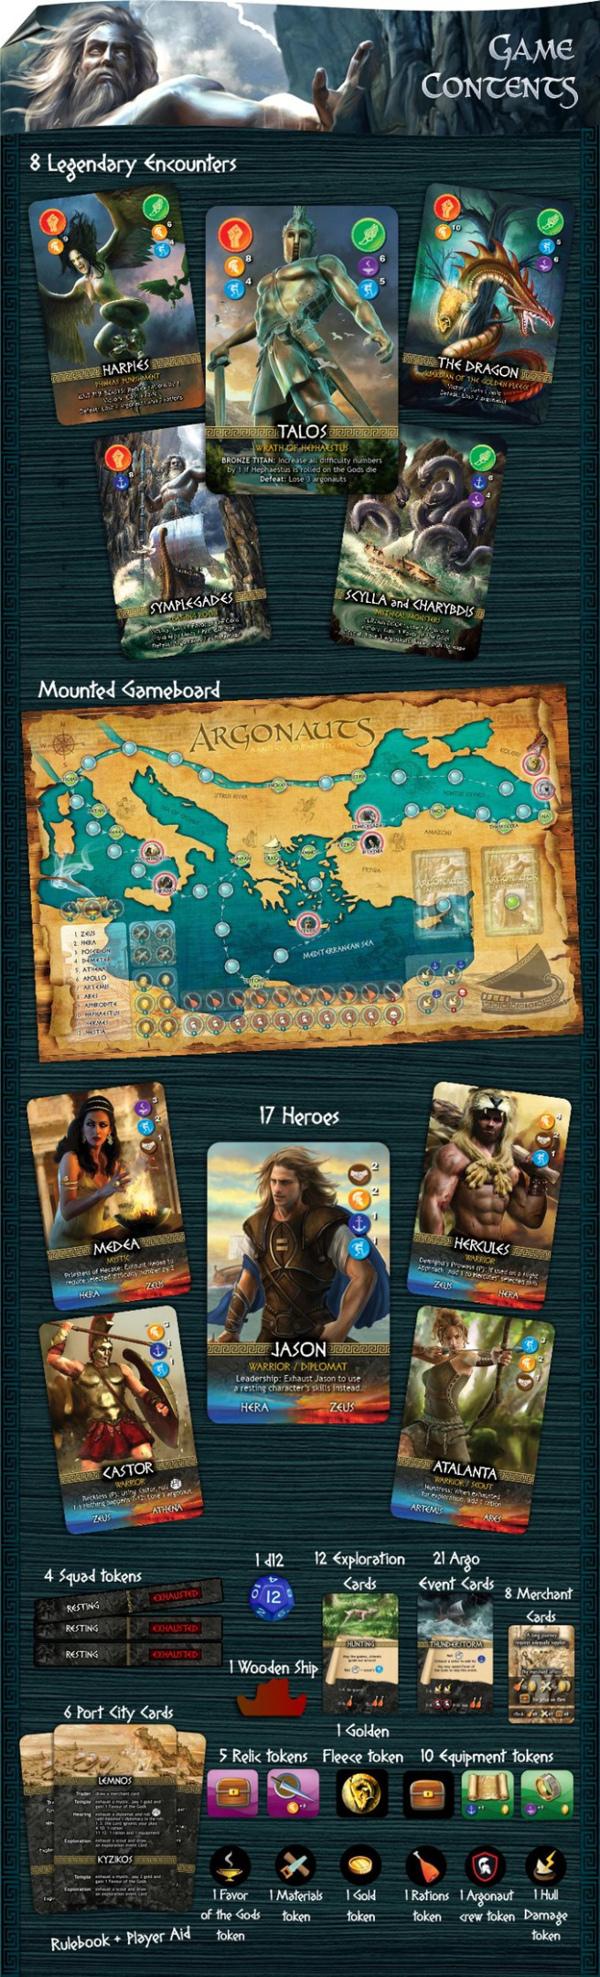 Argonauts contenuto